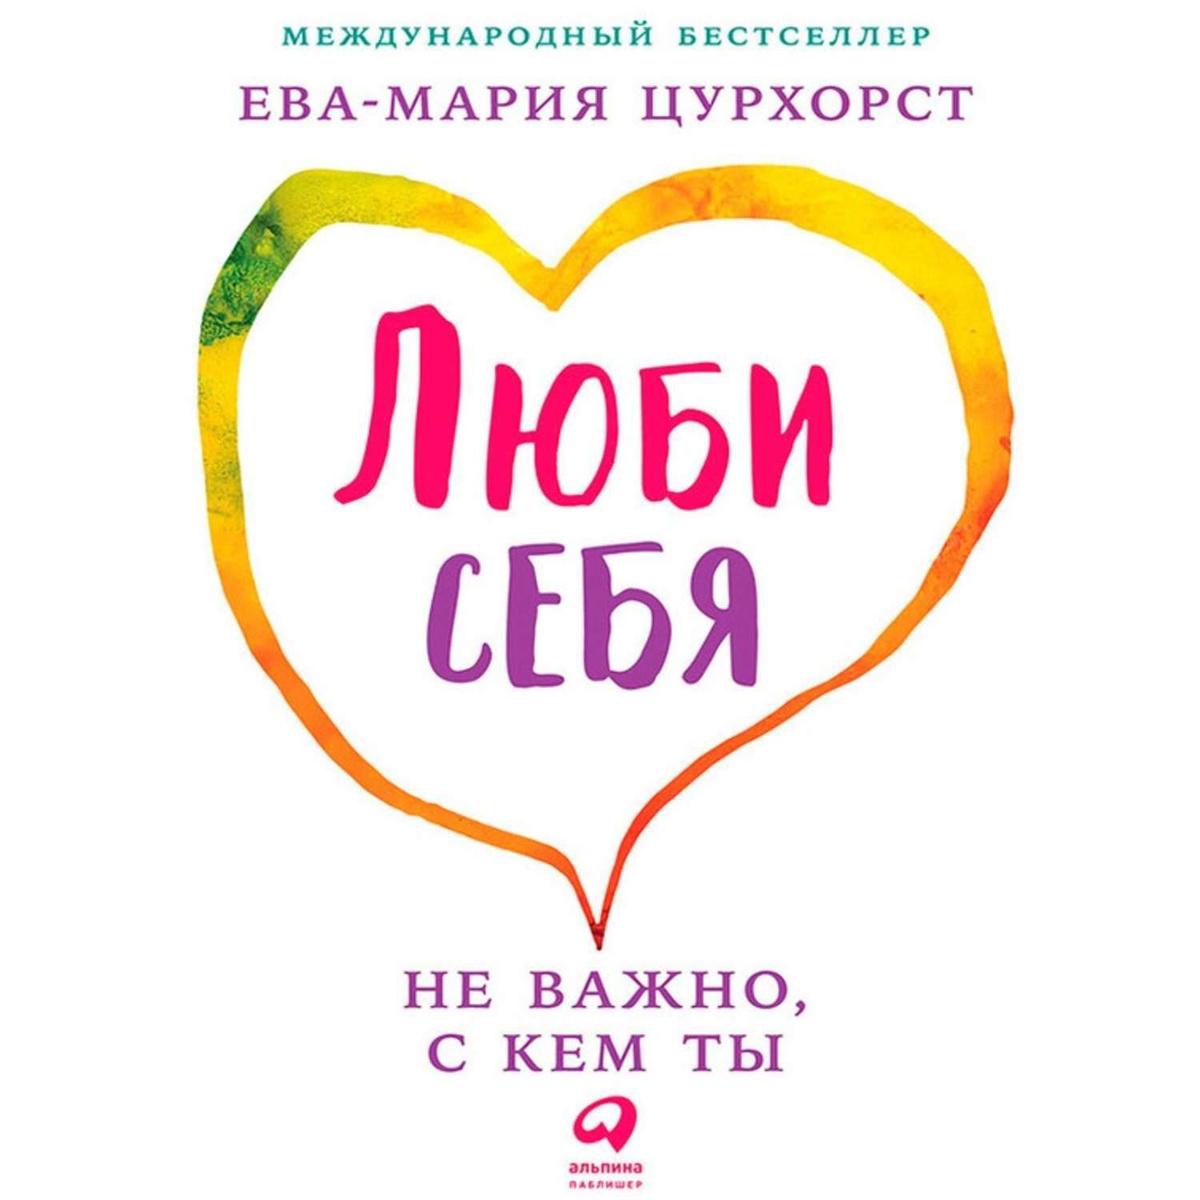 Люби себя – не важно, с кем ты   Цурхорст Ева-Мария #1